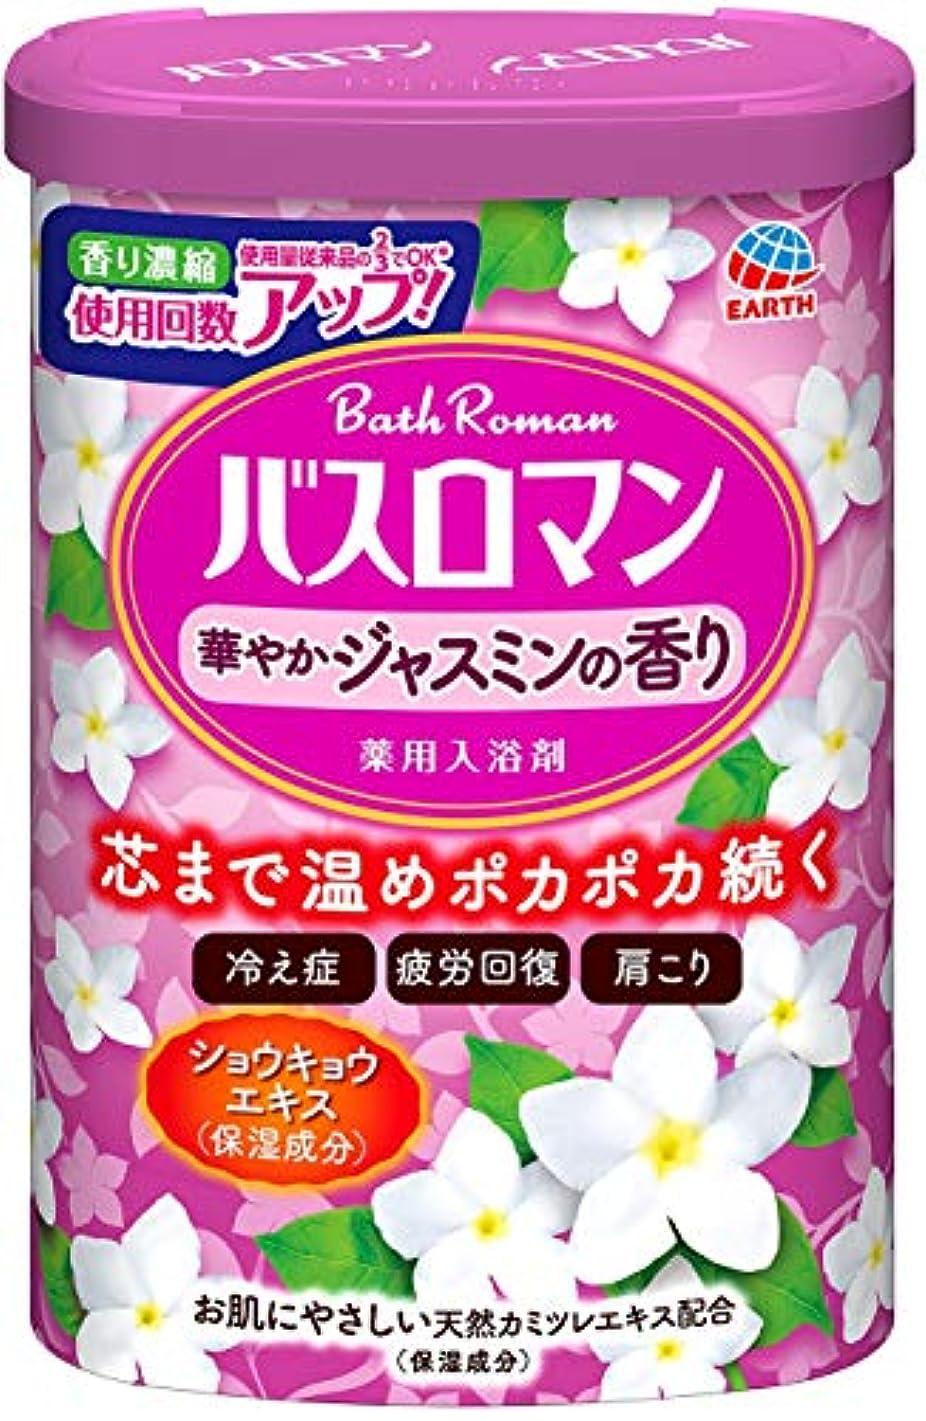 反毒タイト貴重な【医薬部外品】バスロマン 入浴剤 華やかジャスミンの香り [600g]